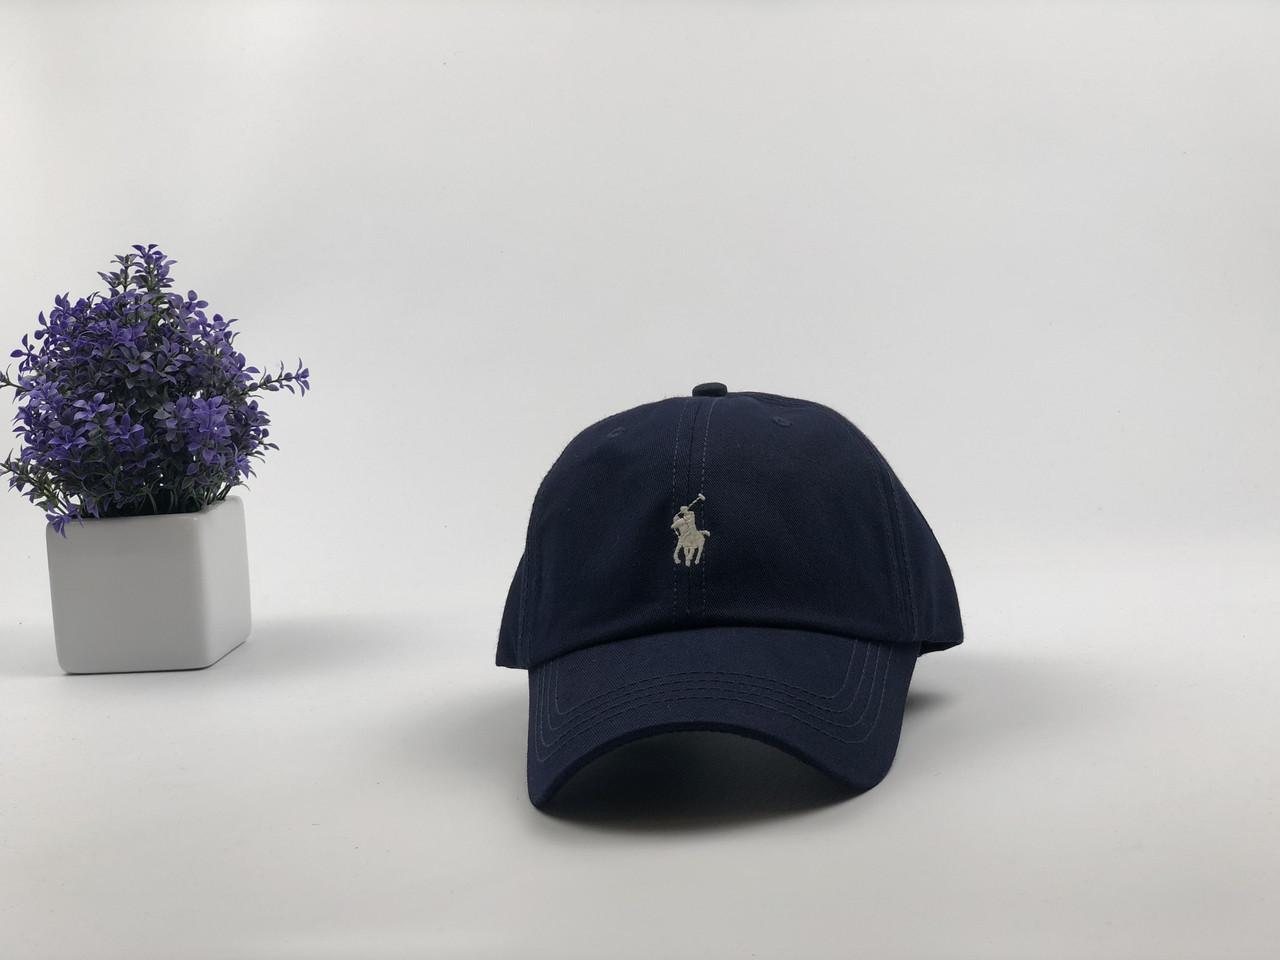 Кепка Бейсболка Мужская Женская Polo Ralph Lauren с тканевым ремешком Темно-Синяя с Белым лого